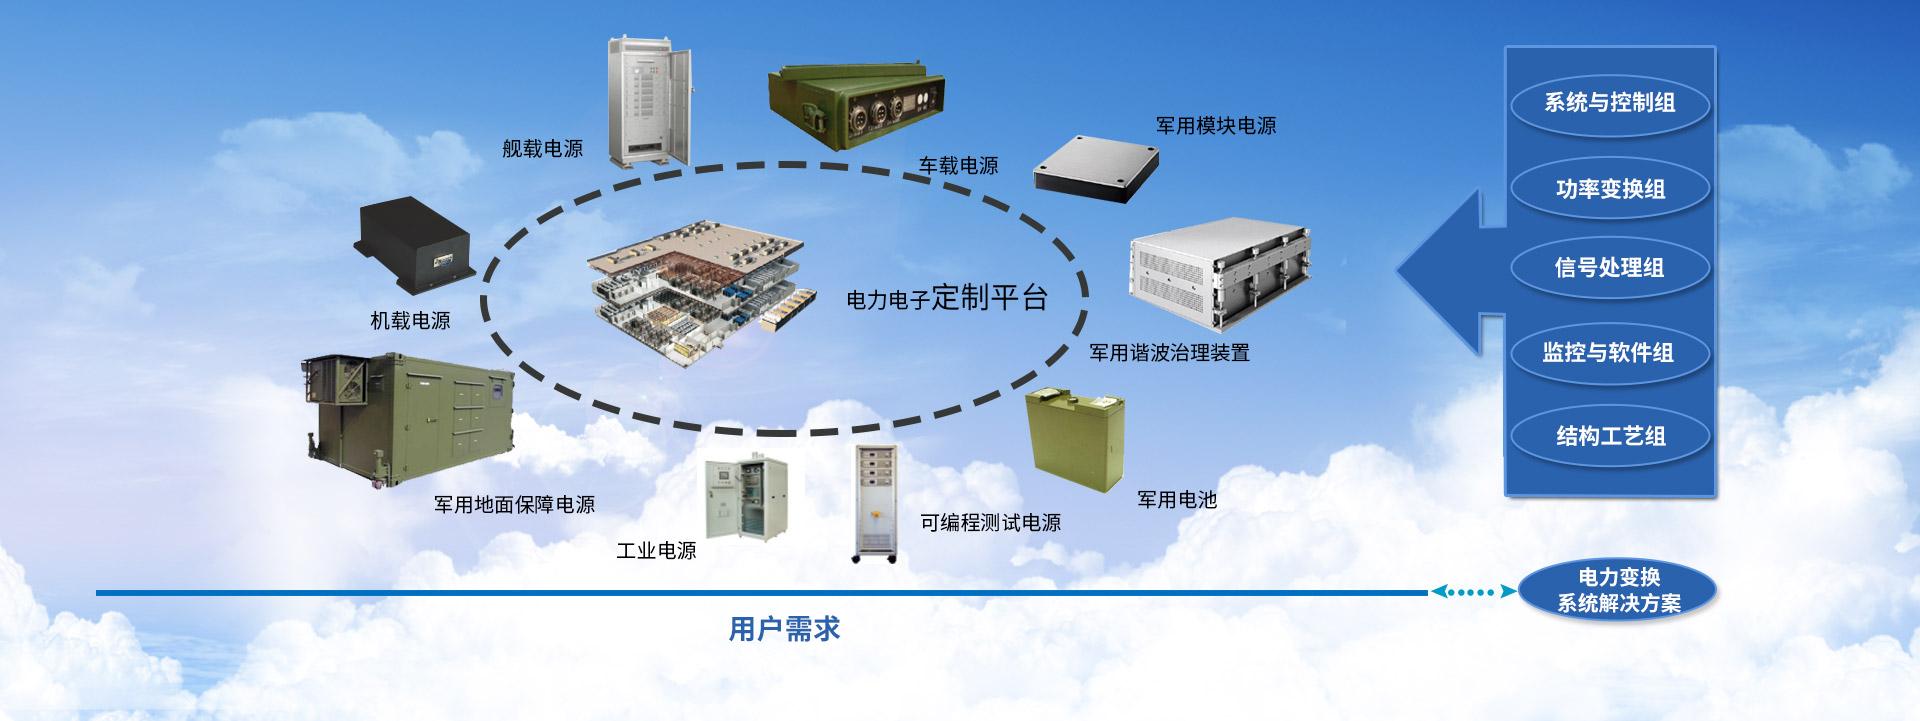 上海军用电源